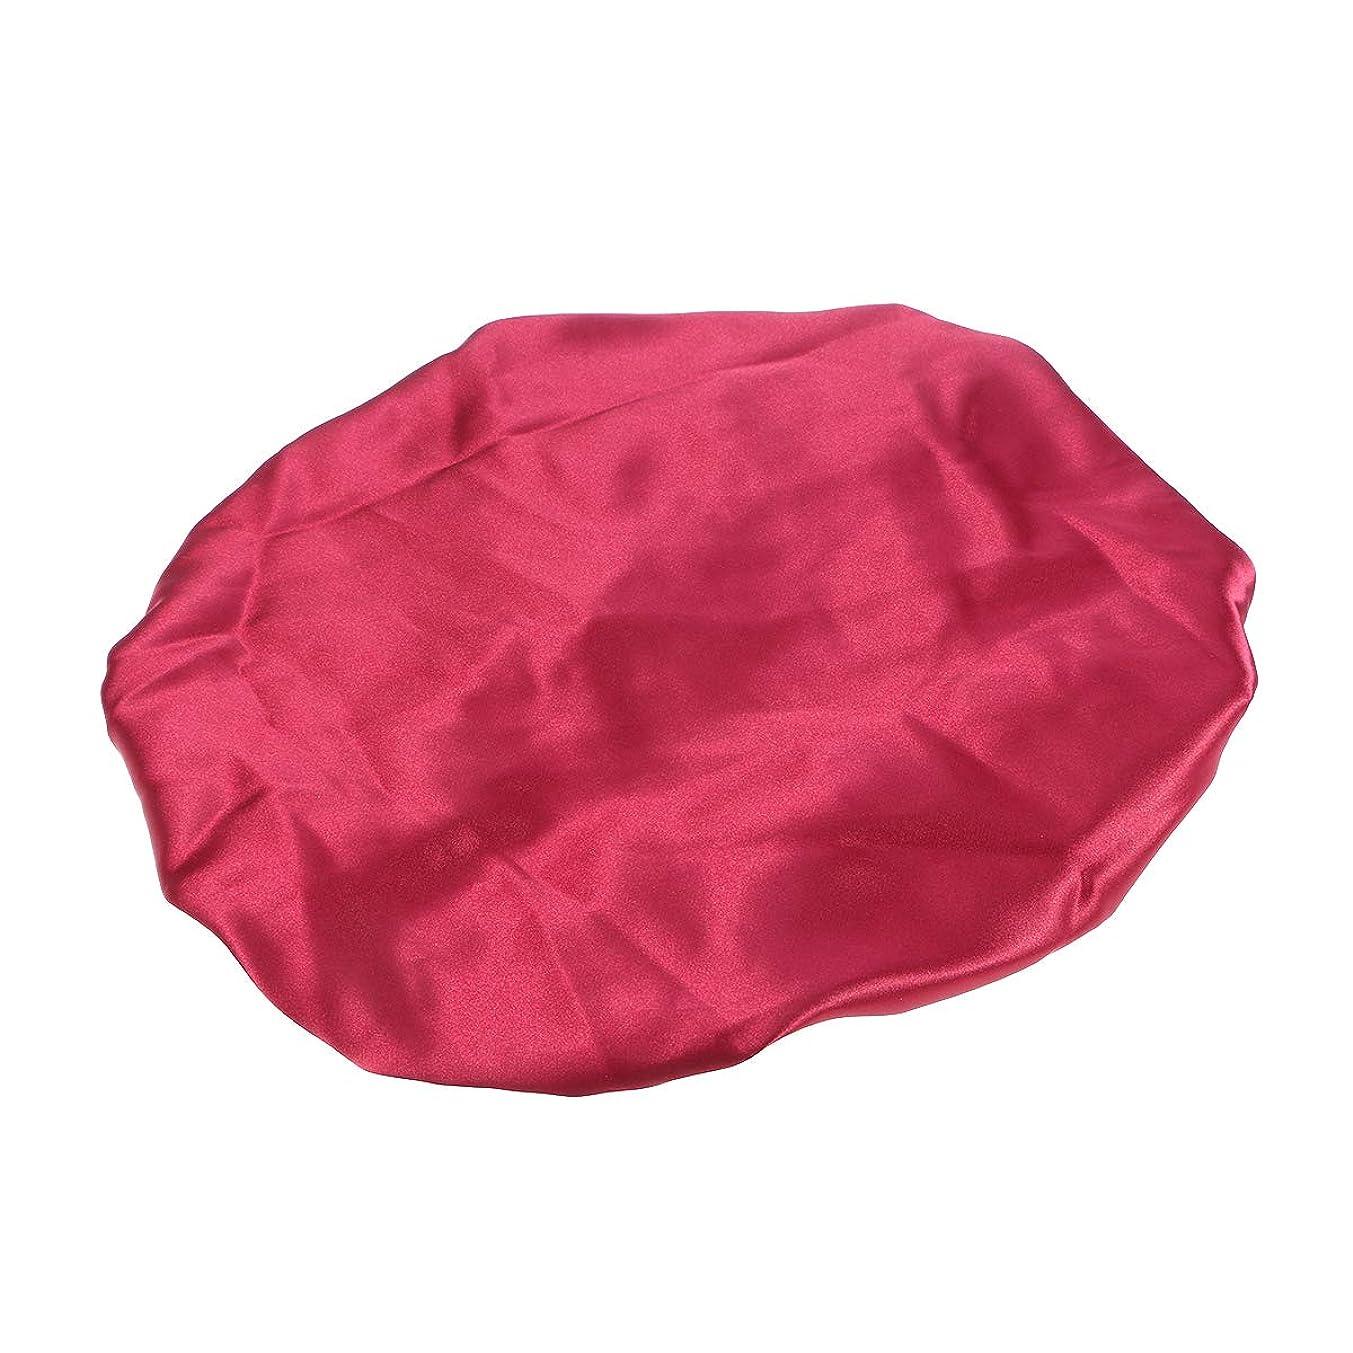 物理的に脚マインドフルSUPVOX サテンスリーピングキャップ二重層ボンネットシルク巾着帽子ヘッドカバー抜け毛ケモキャップ女性用